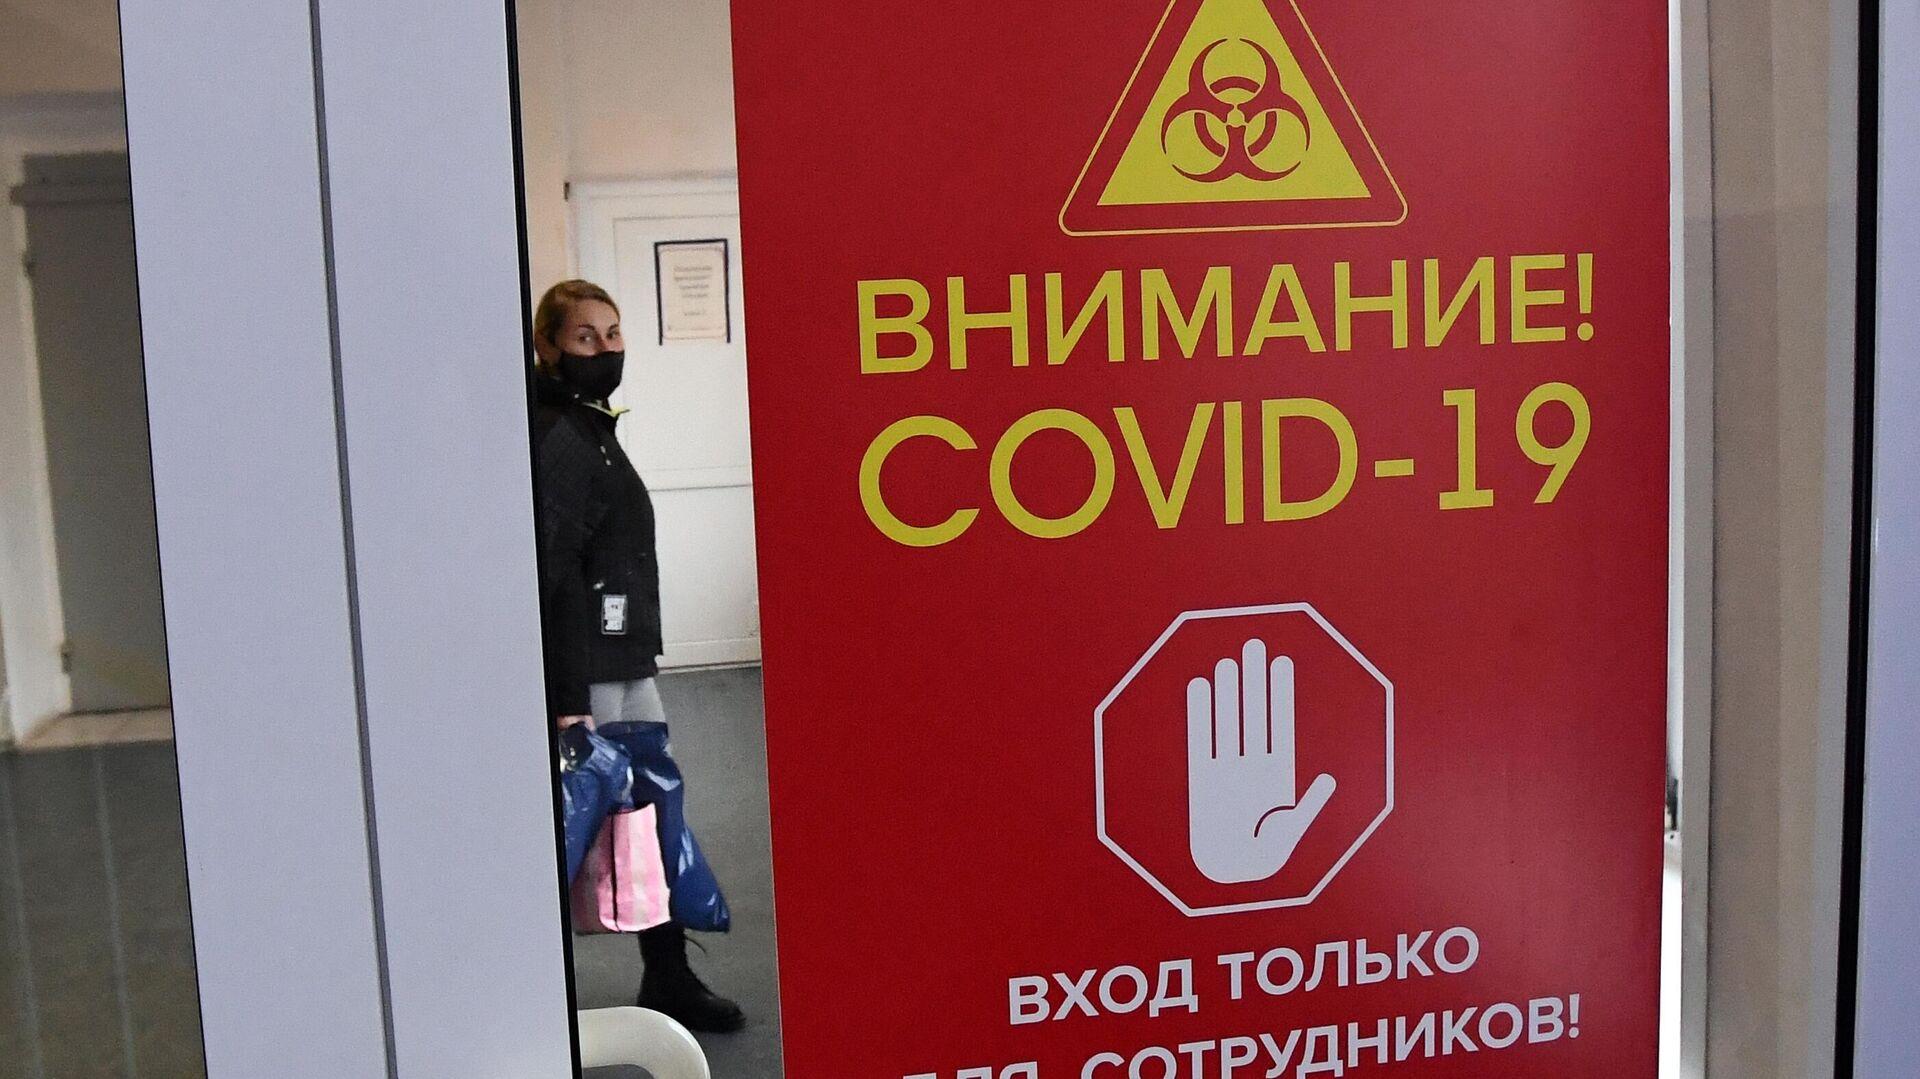 Вывеска Внимание! COVID-19 на двери пульмонологического стационара для больных коронавирусной инфекцией  в Красноярске - РИА Новости, 1920, 10.11.2020